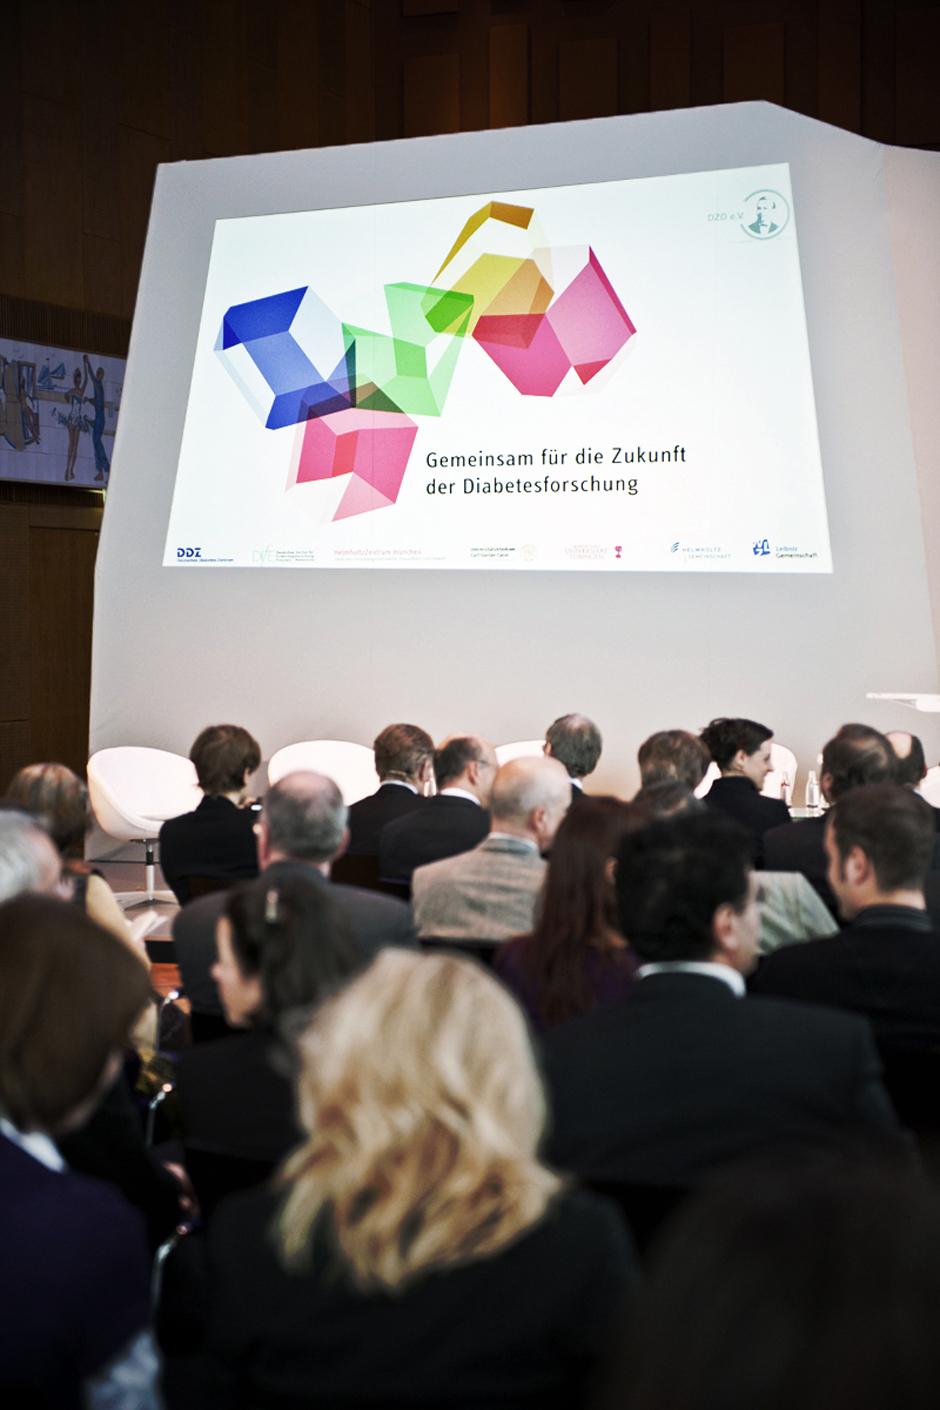 Eröffnung des Deutschen Zentrums für Diabetesforschung e.V. (DZD)